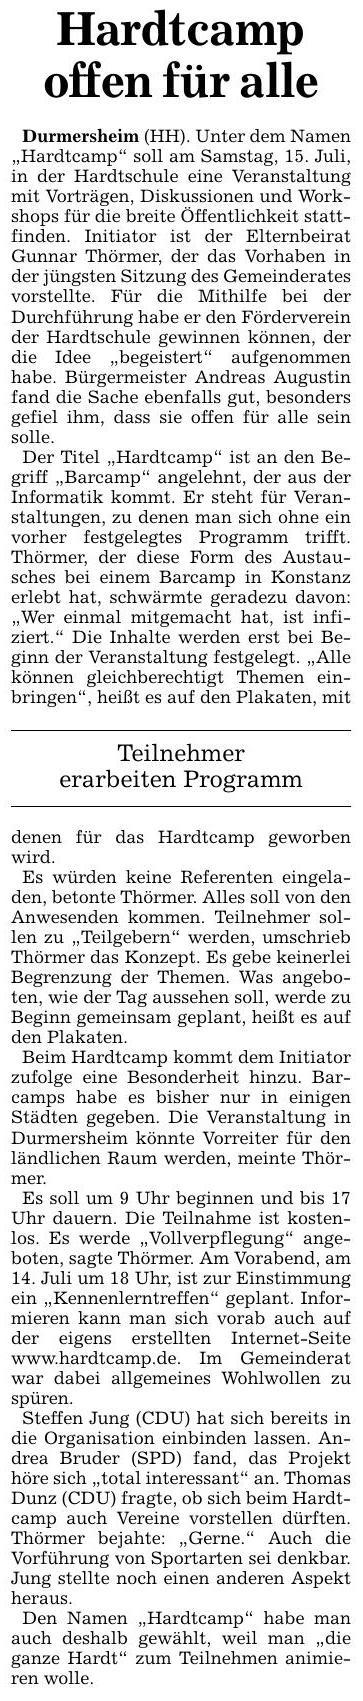 hardtcamp bnn 16.05.2017